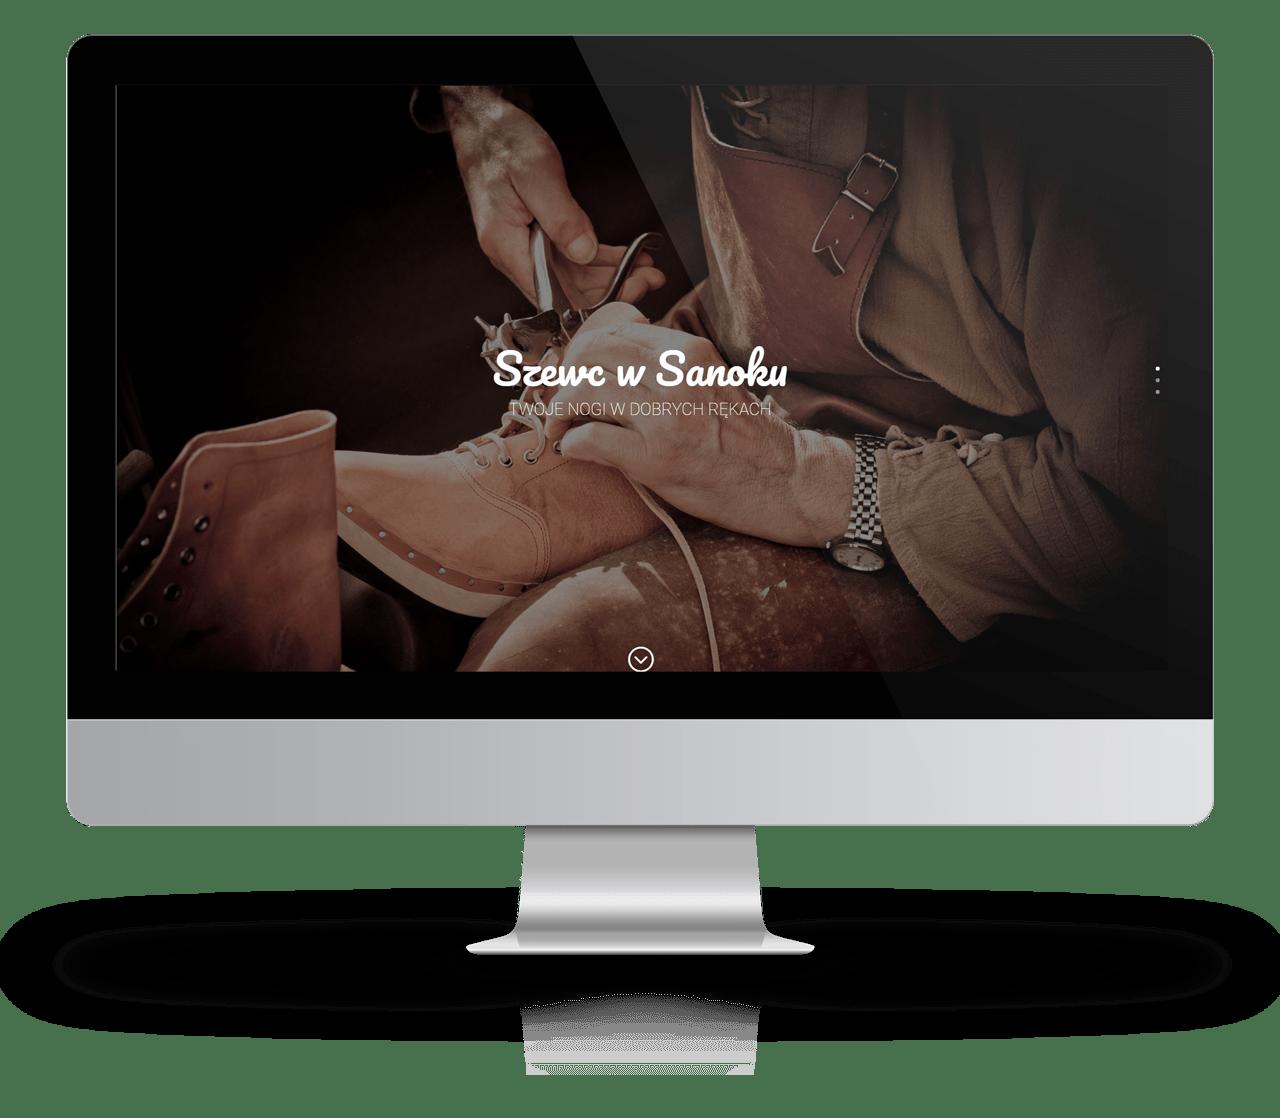 Projekt strony: szewc.sanok.pl